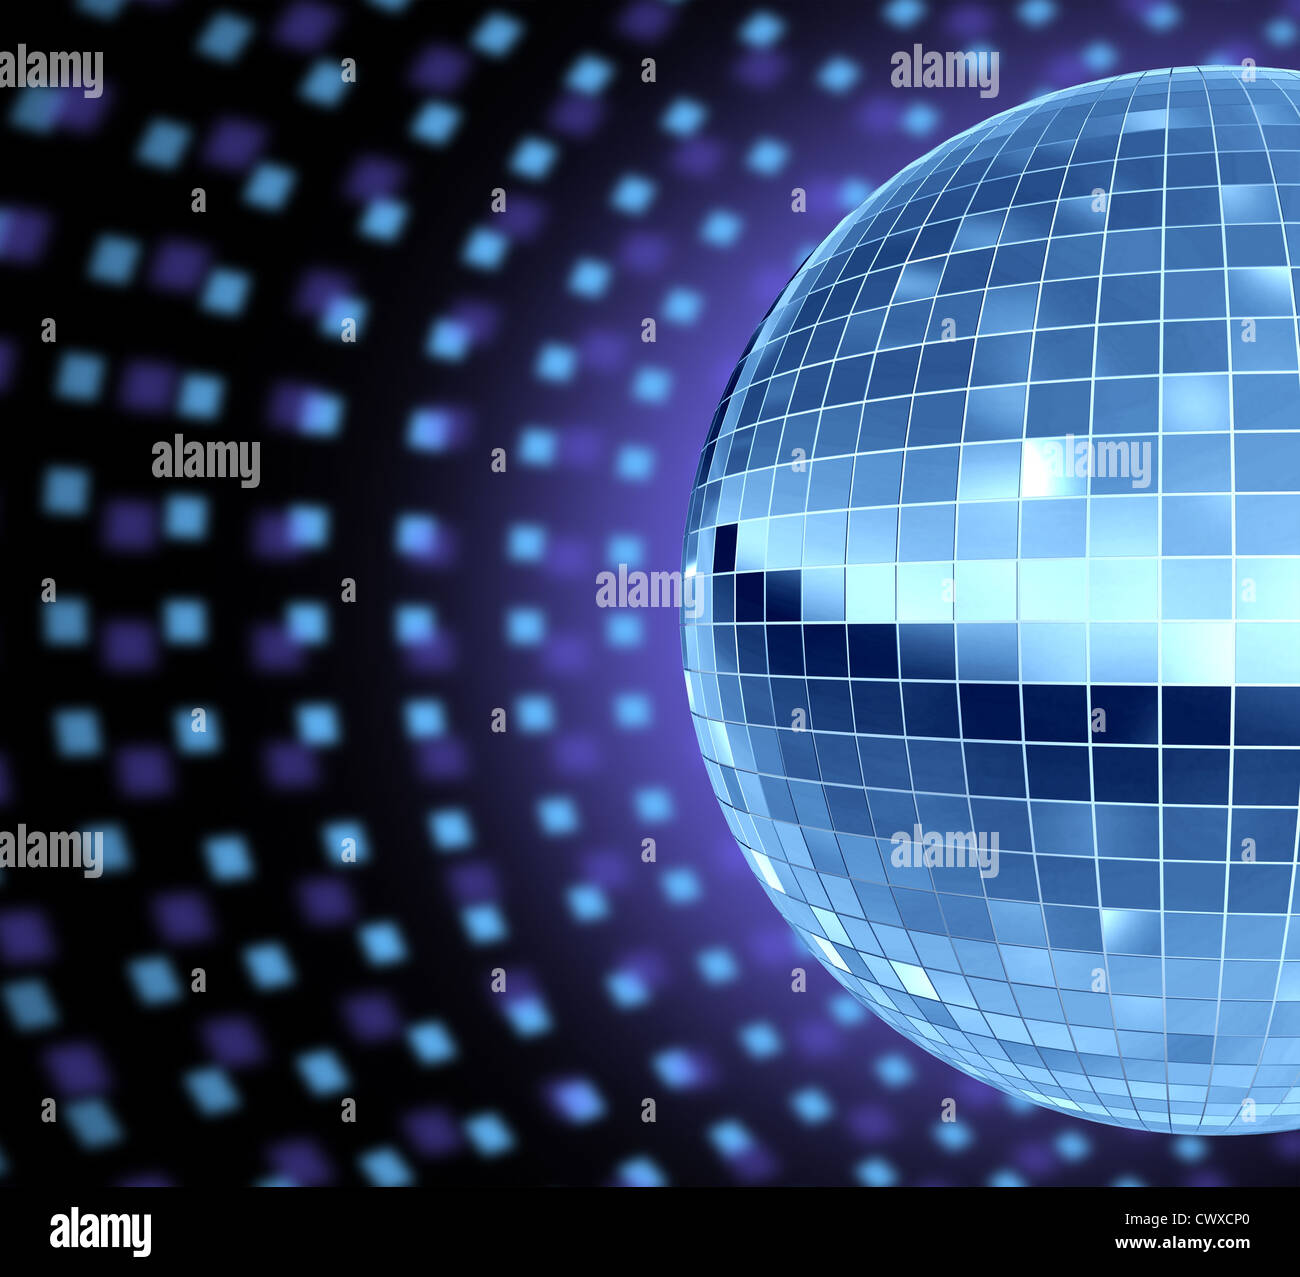 Tanz Party Dj Kultur Mit Einer Disco Spiegel Kugel Reflektierende